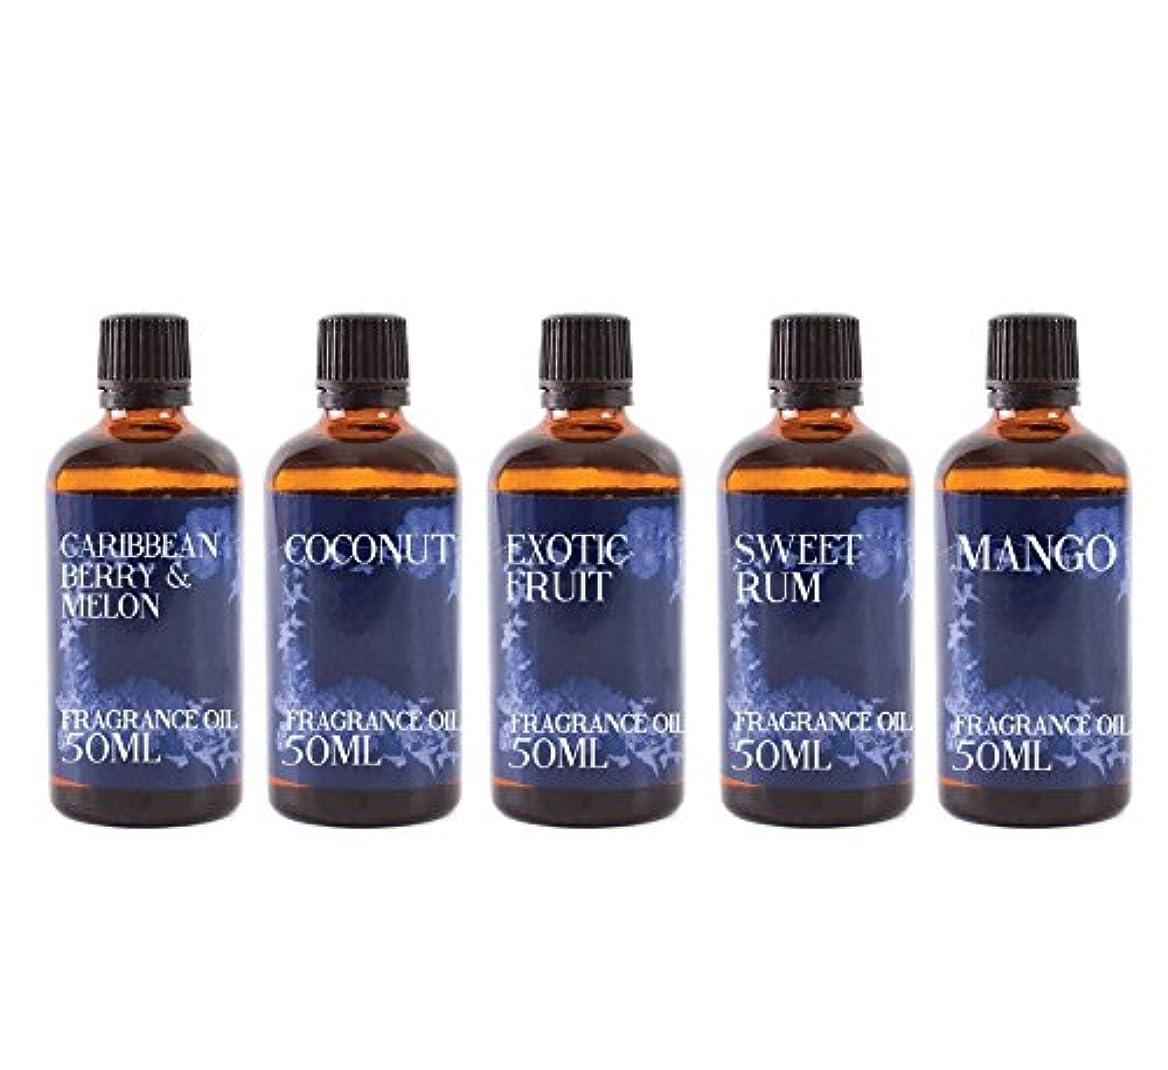 補償側交差点Mystic Moments | Gift Starter Pack of 5 x 50ml Desert Island Fragrant Oil